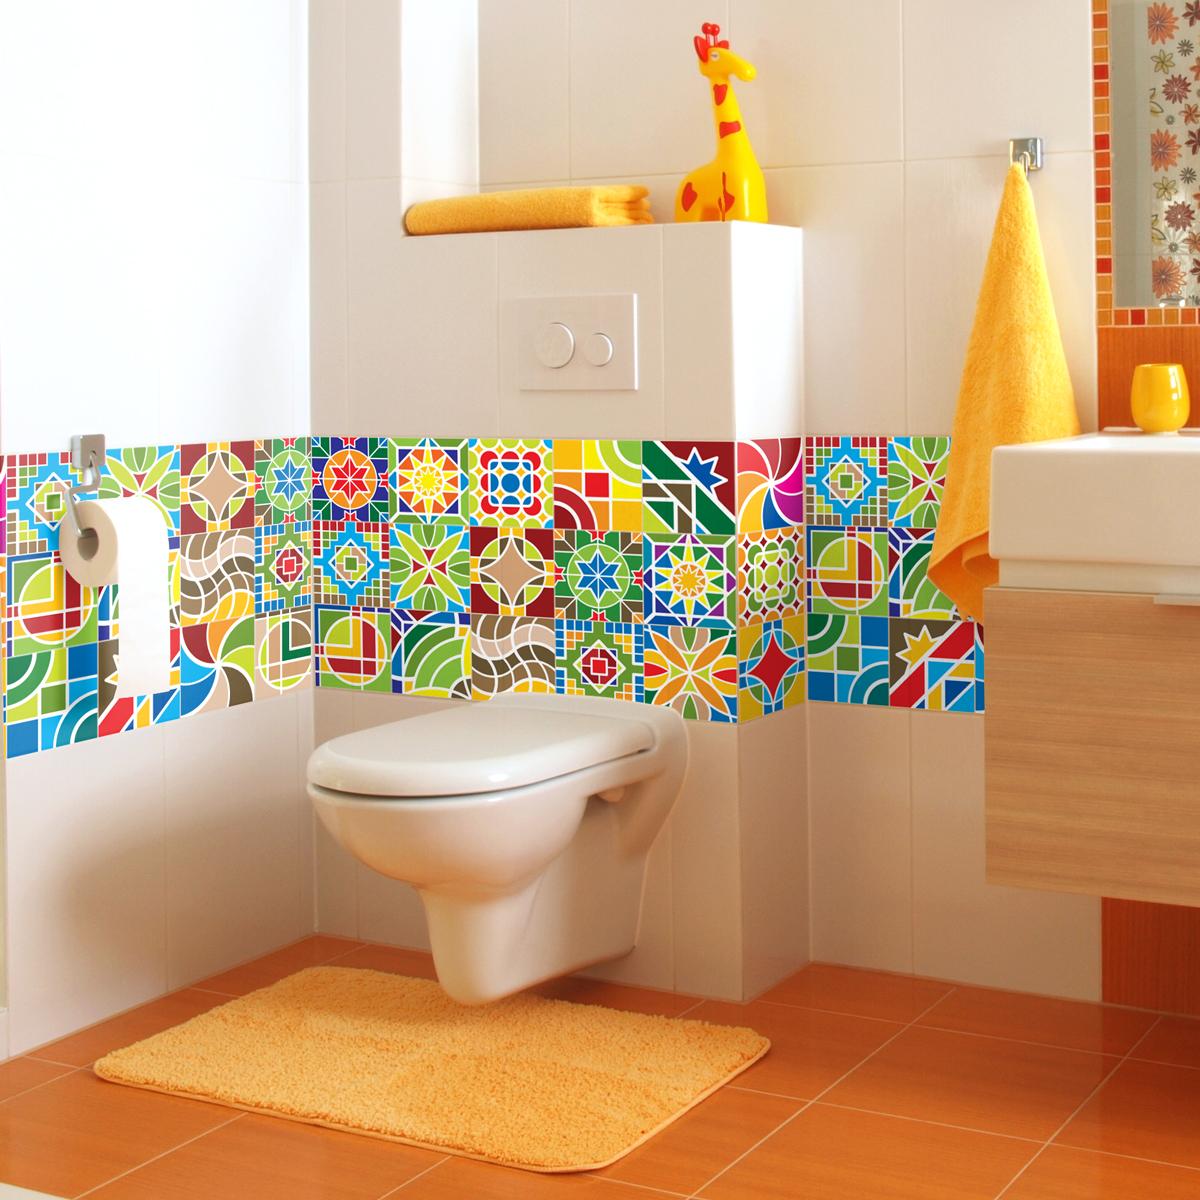 24 stickers carreaux de ciment canc n salle de bain et wc salle de bain ambiance sticker. Black Bedroom Furniture Sets. Home Design Ideas